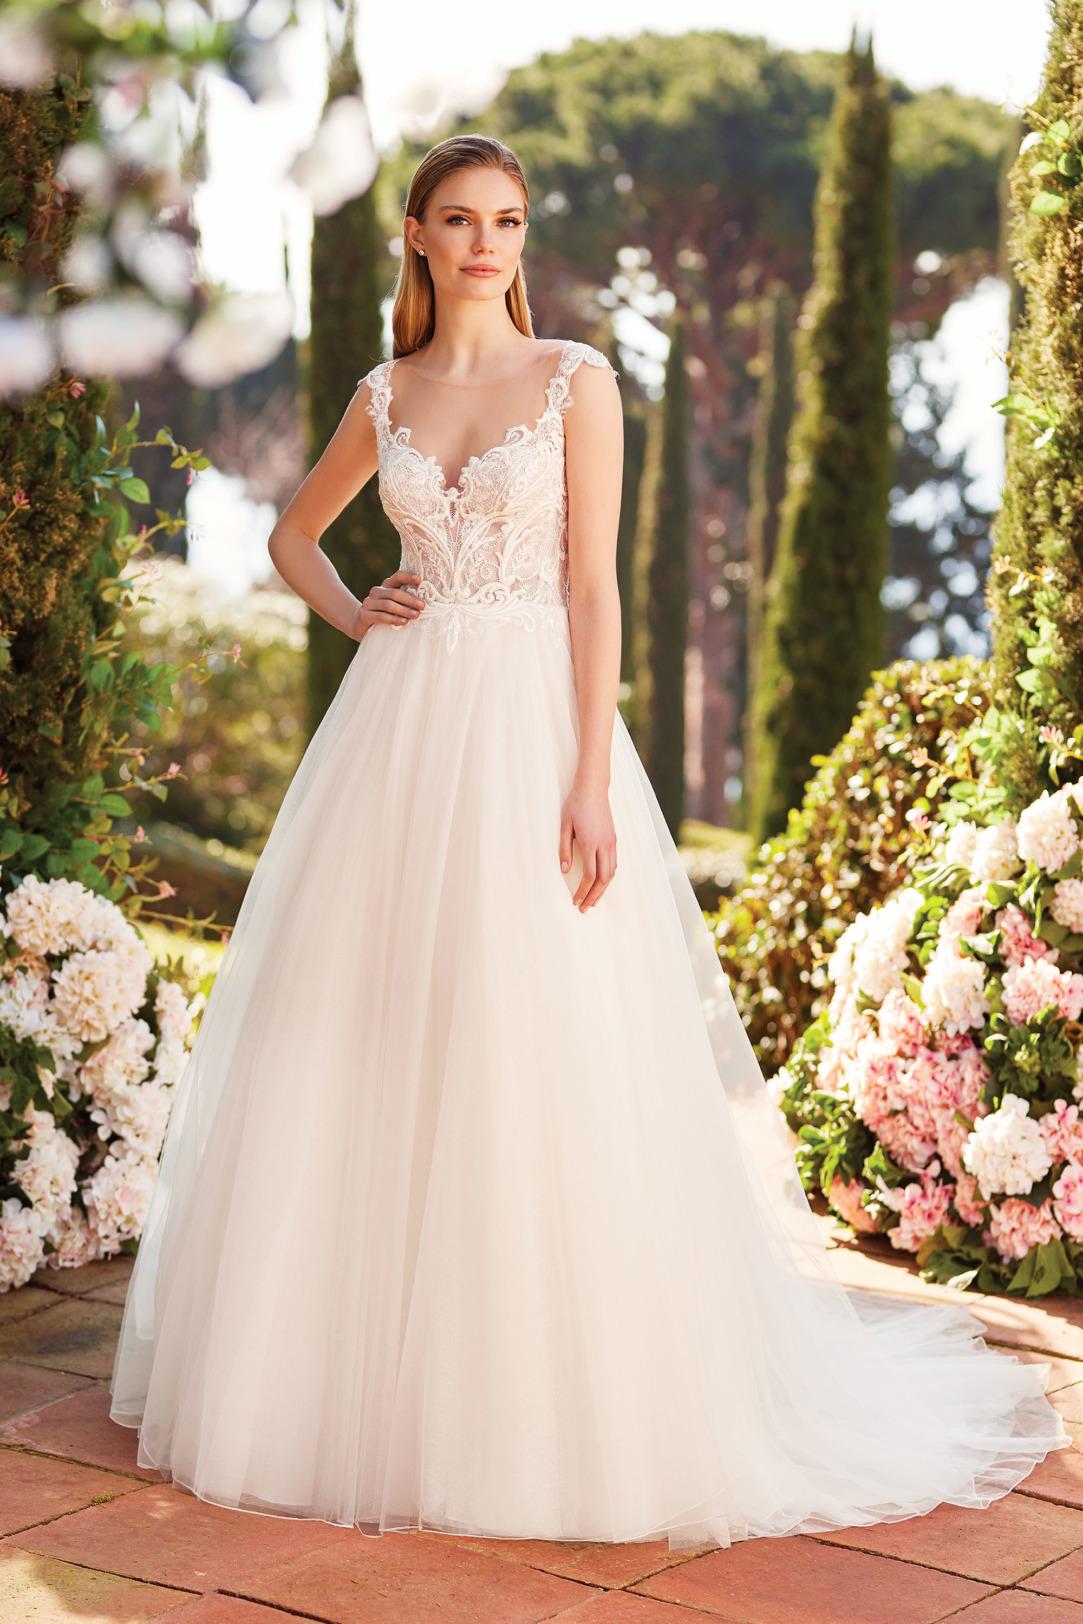 Brautkleider Hochzeitskleider Sincerity aufwendiger Prinzessinnenstil Stil Style Form Applikationen aus Spitze Strass Glitzer V-Ausschnitt lange Schleppe weiter Tüll Rock